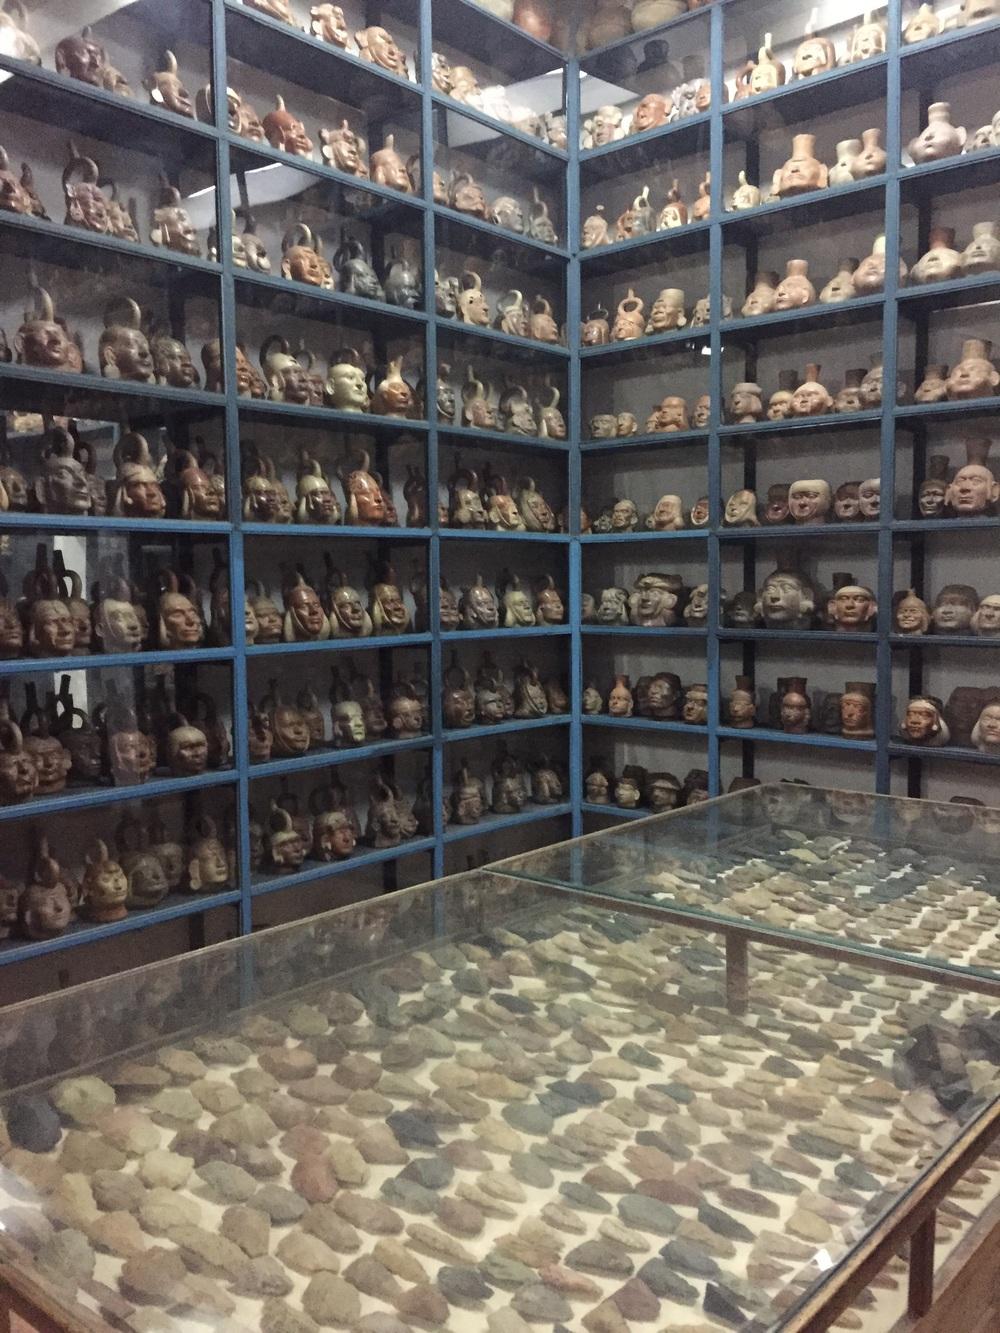 The Museum Deposit os open to the public en has over 39000 original ceramic pieces. El depósito del museo esta disponible al público y tiene mas de 39000 piezas originales de cerámica.